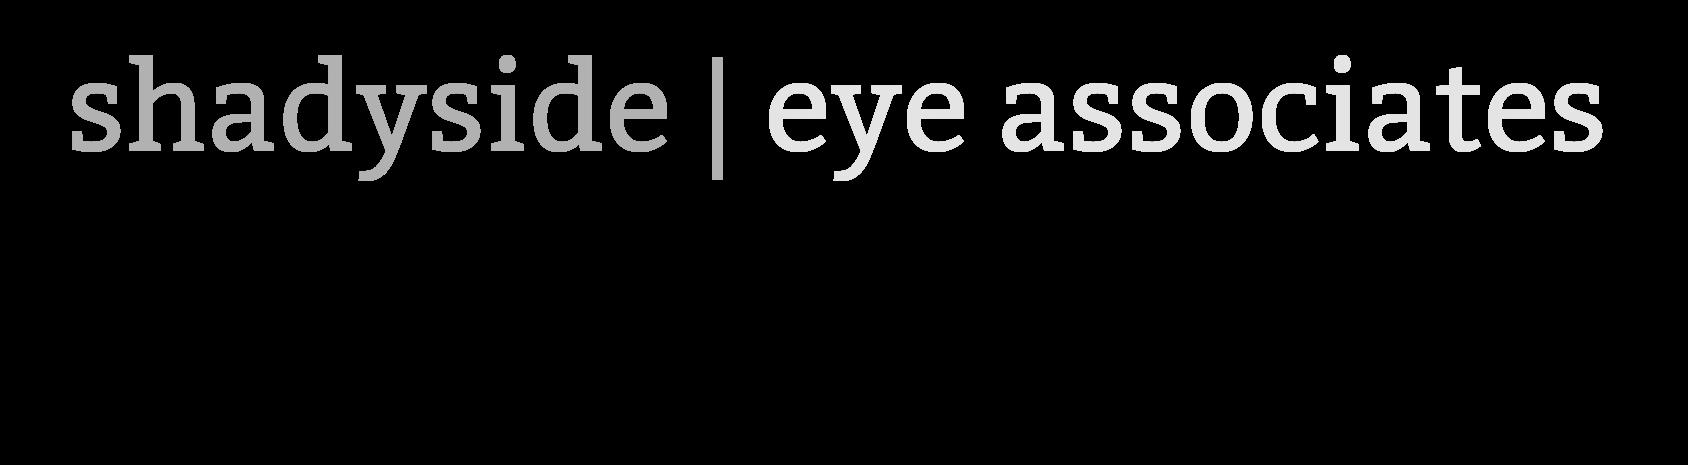 Shadyside Eye Associates, LLC